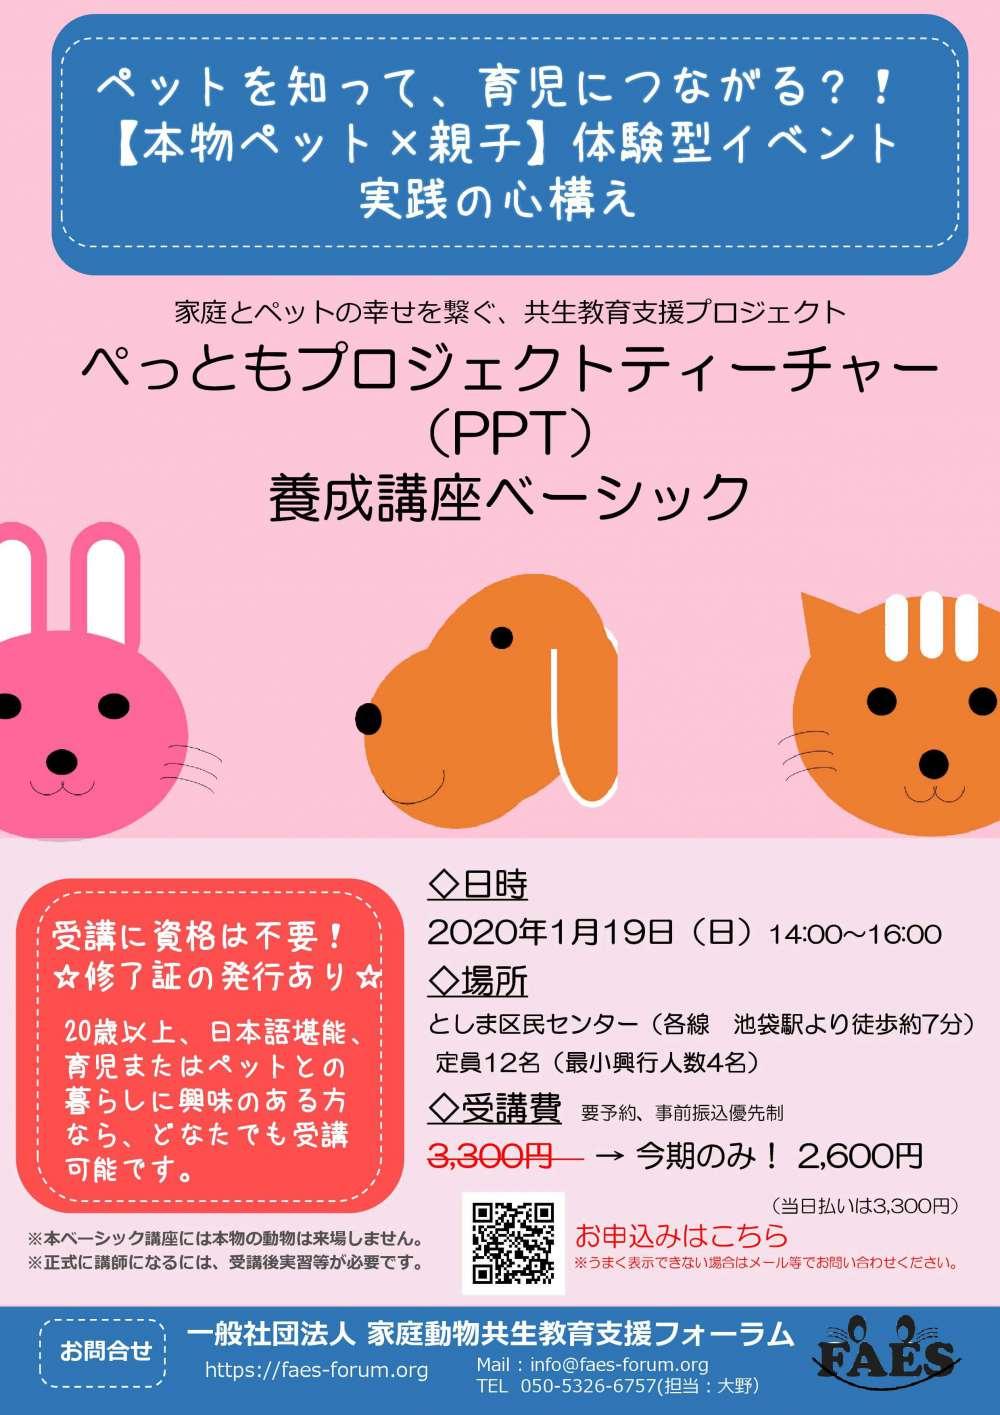 愛犬と一緒にイベント講師になる!一般社団法人家庭動物共生教育支援フォーラムによる、ペットと親子のためのイベント講師を目指せるPPT(ぺっともプロジェクトティーチャー)養成講座ベーシックコース